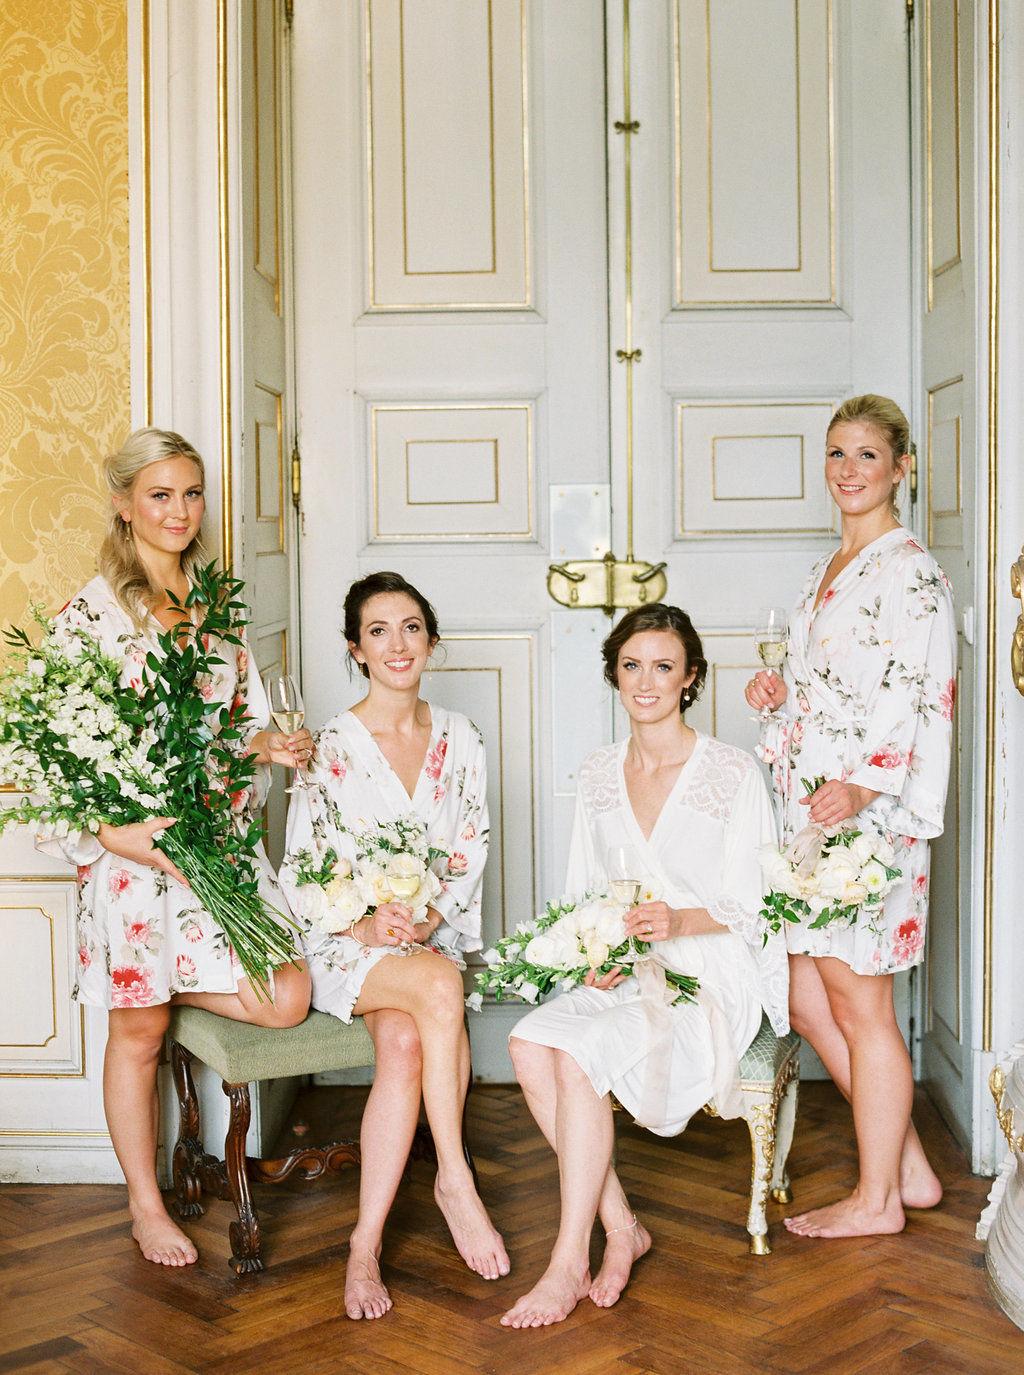 Элегантность и гармония с природой: свадьба в австрийском дворце